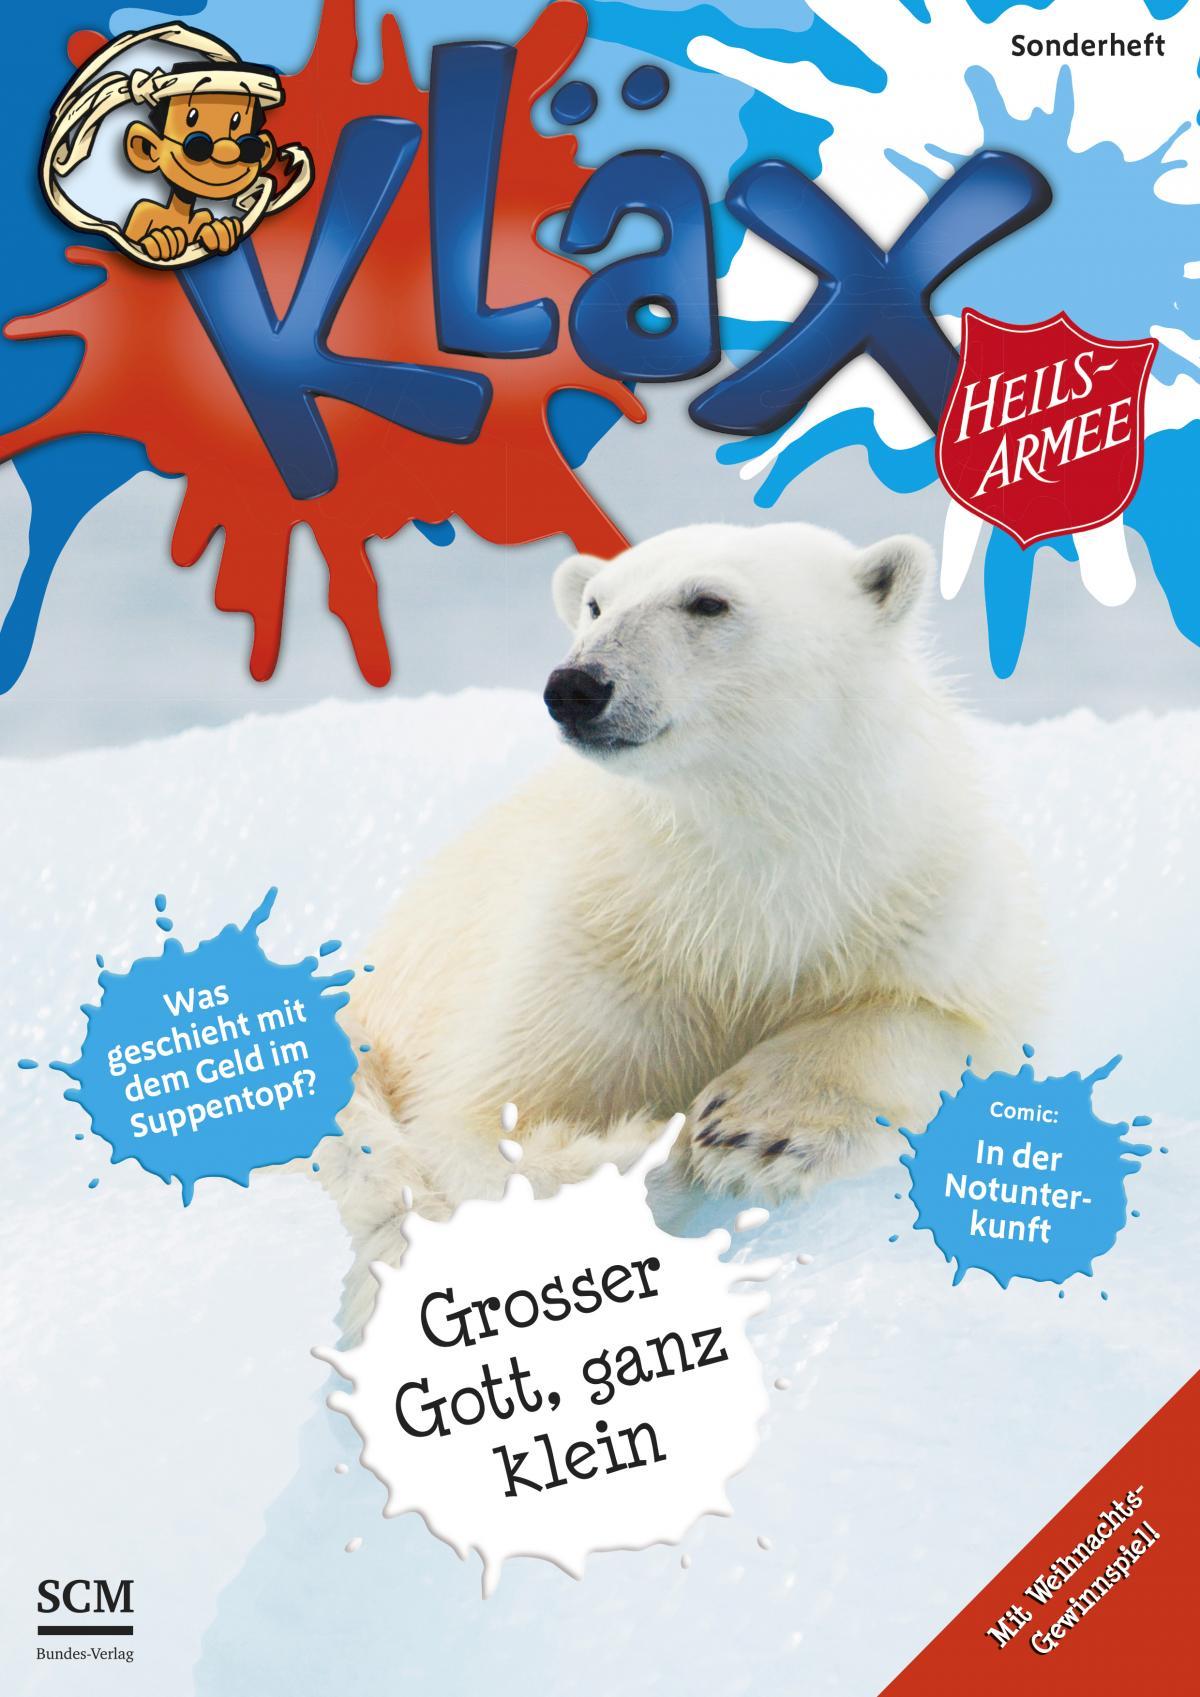 Kläx-Weihnachts-Sonderausgabe (Cover)